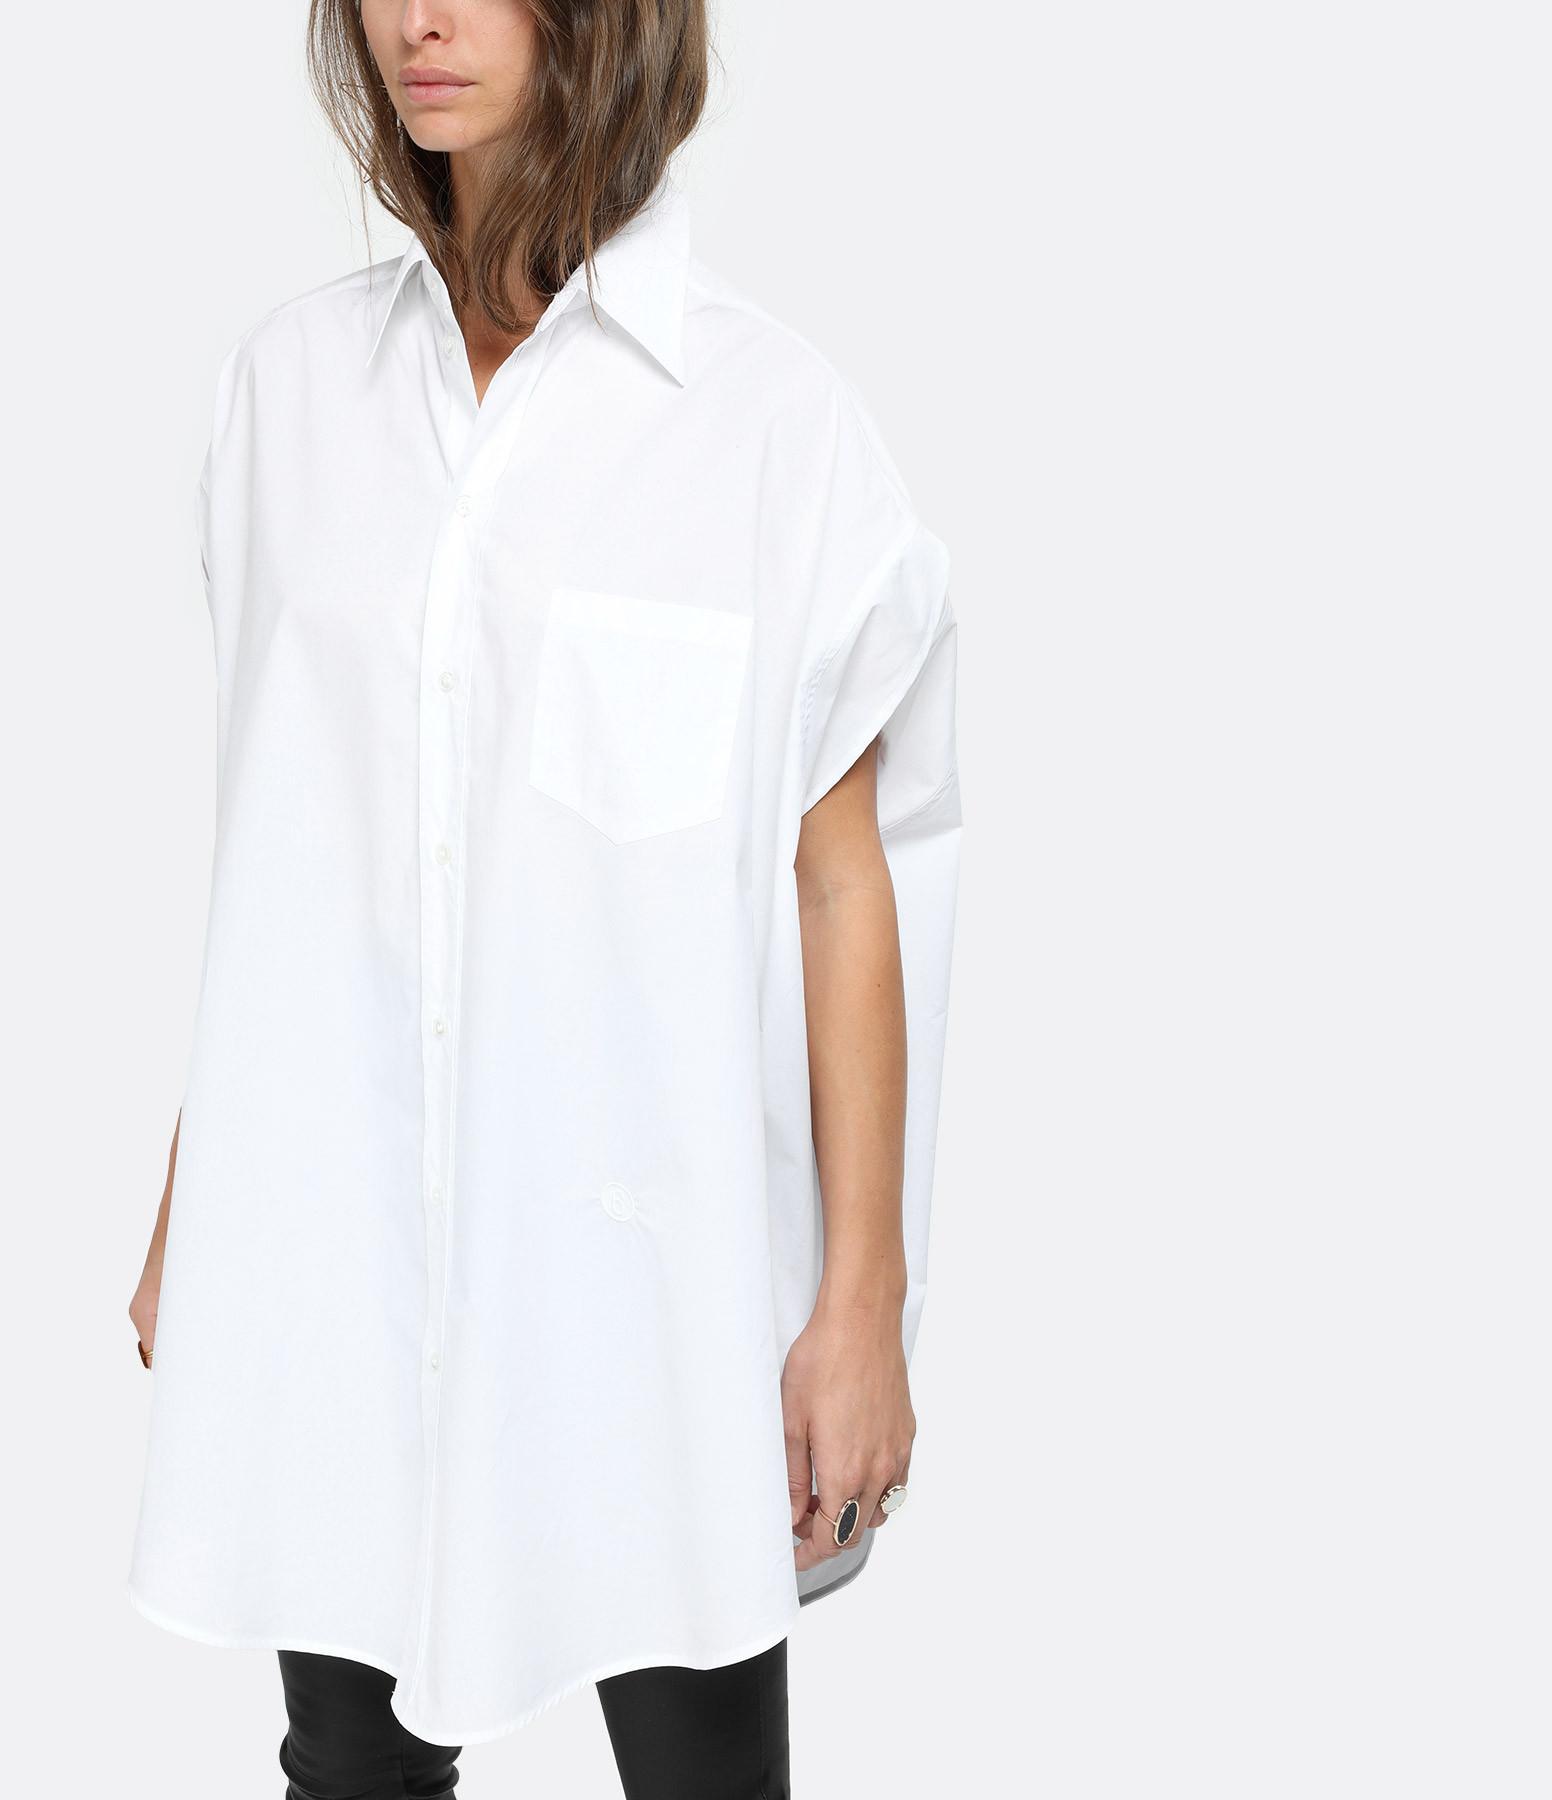 MM6 MAISON MARGIELA - Chemise Oversize Blanc, Collection Studio